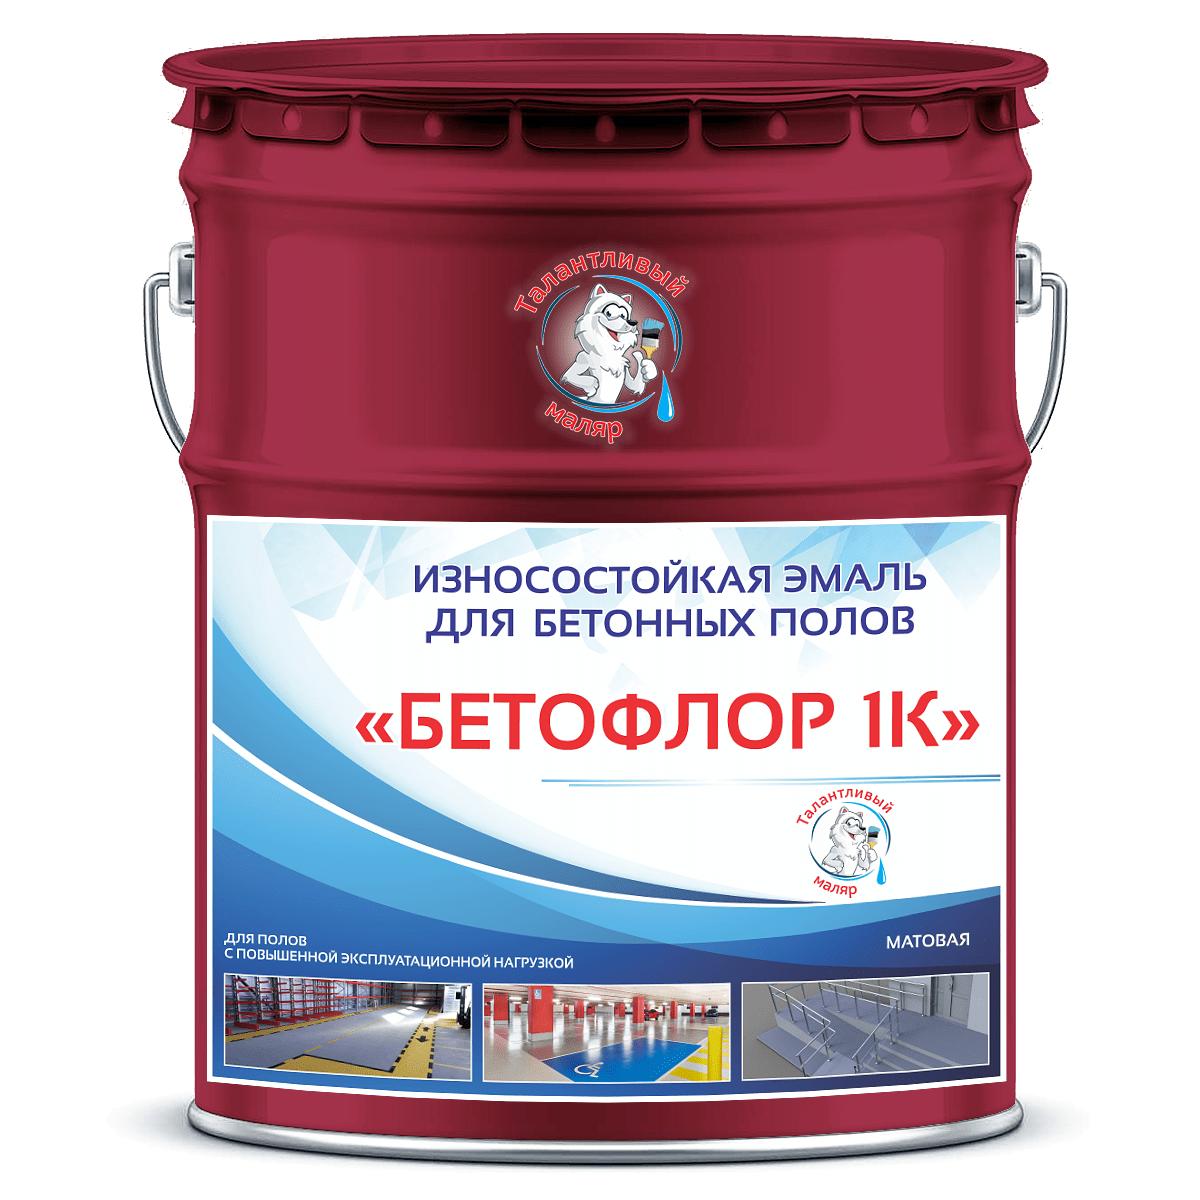 """Фото 4 - BF3003 Эмаль для бетонных полов """"Бетофлор"""" 1К цвет RAL 3003 Рубиново-красный, матовая износостойкая, 25 кг """"Талантливый Маляр""""."""